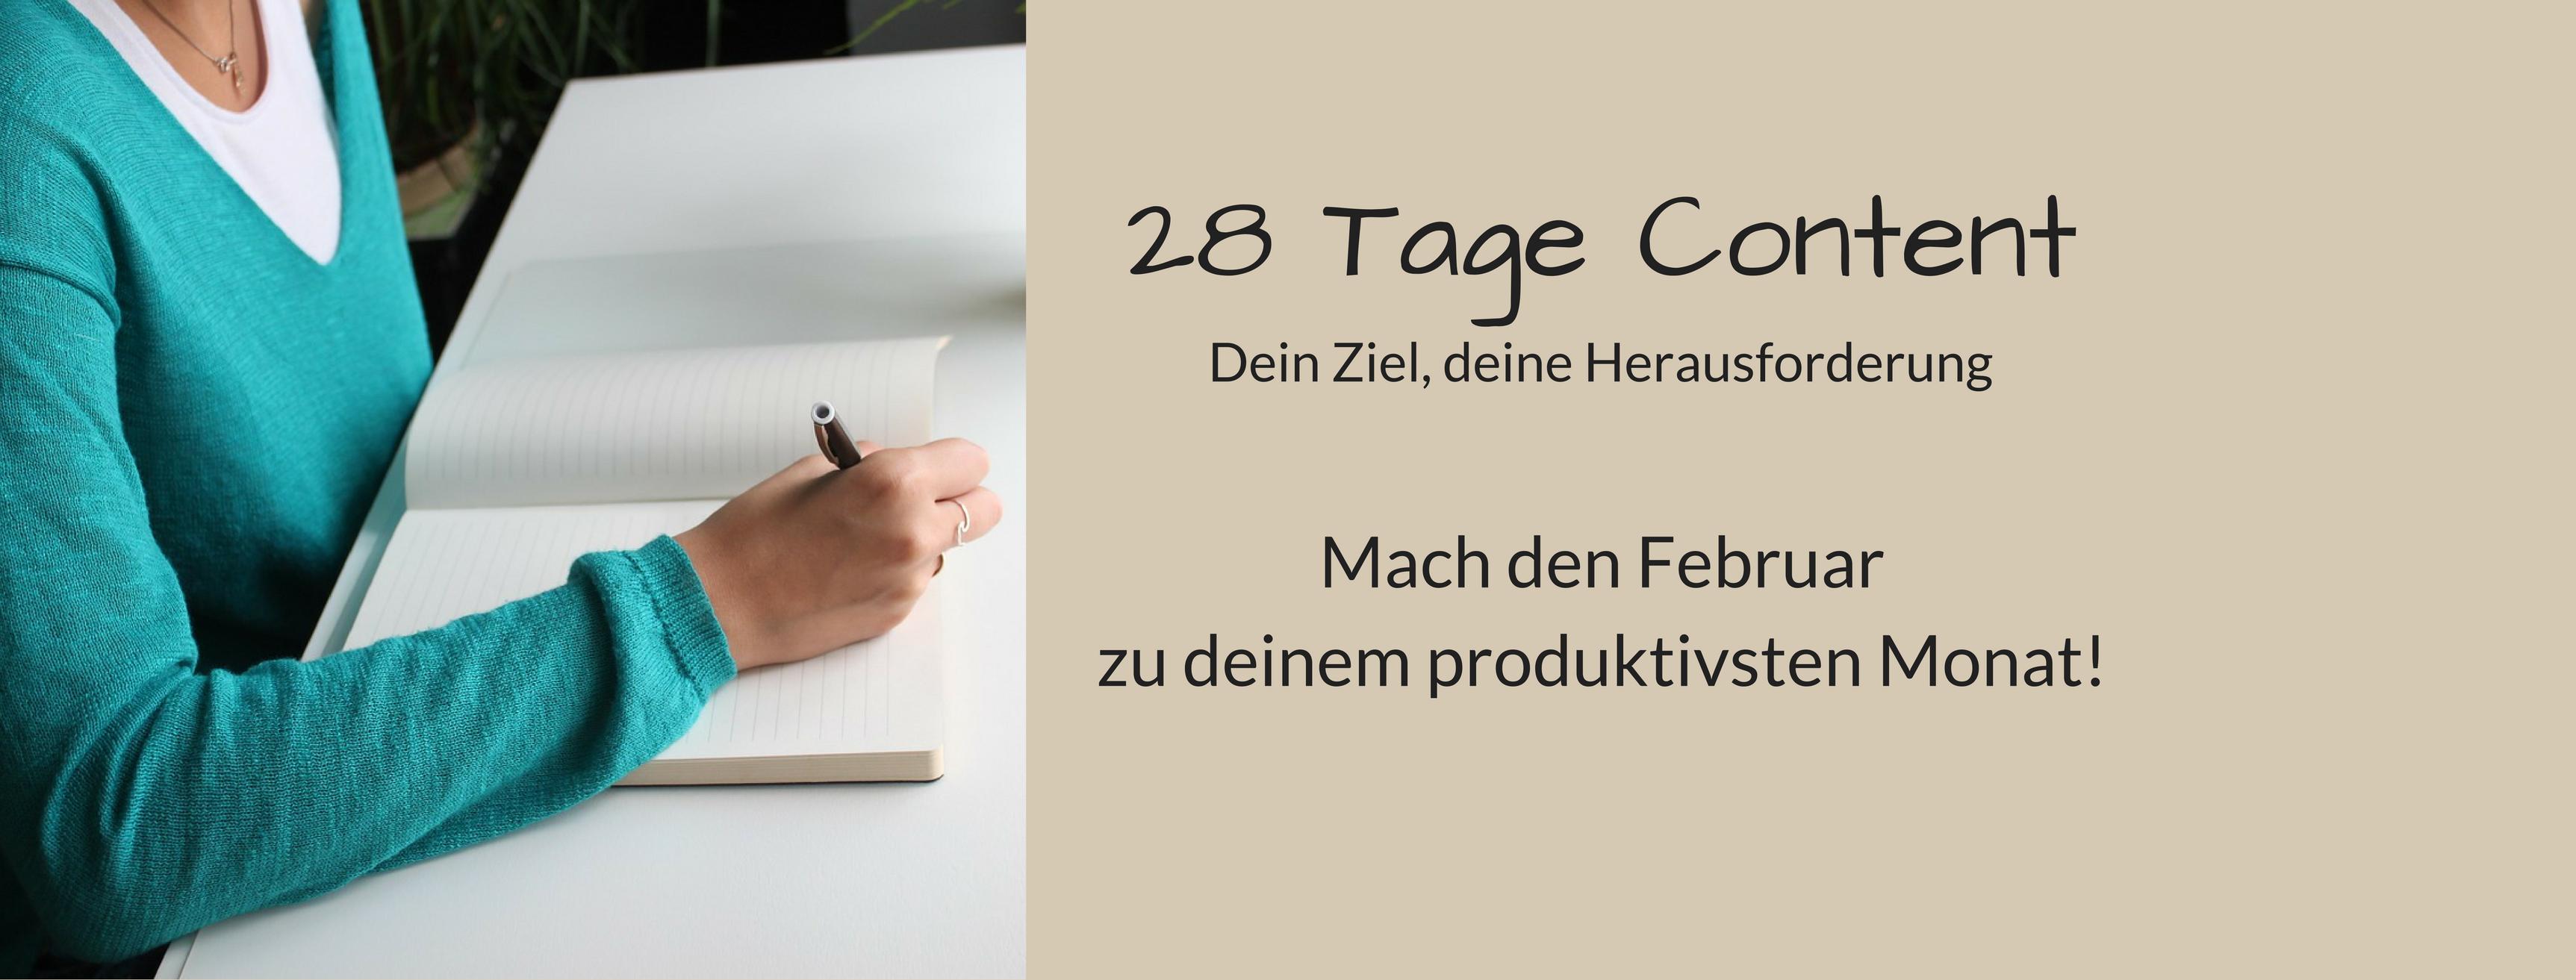 28 Tage Content für mehr Produktivität und mehr erledigt bekommen.